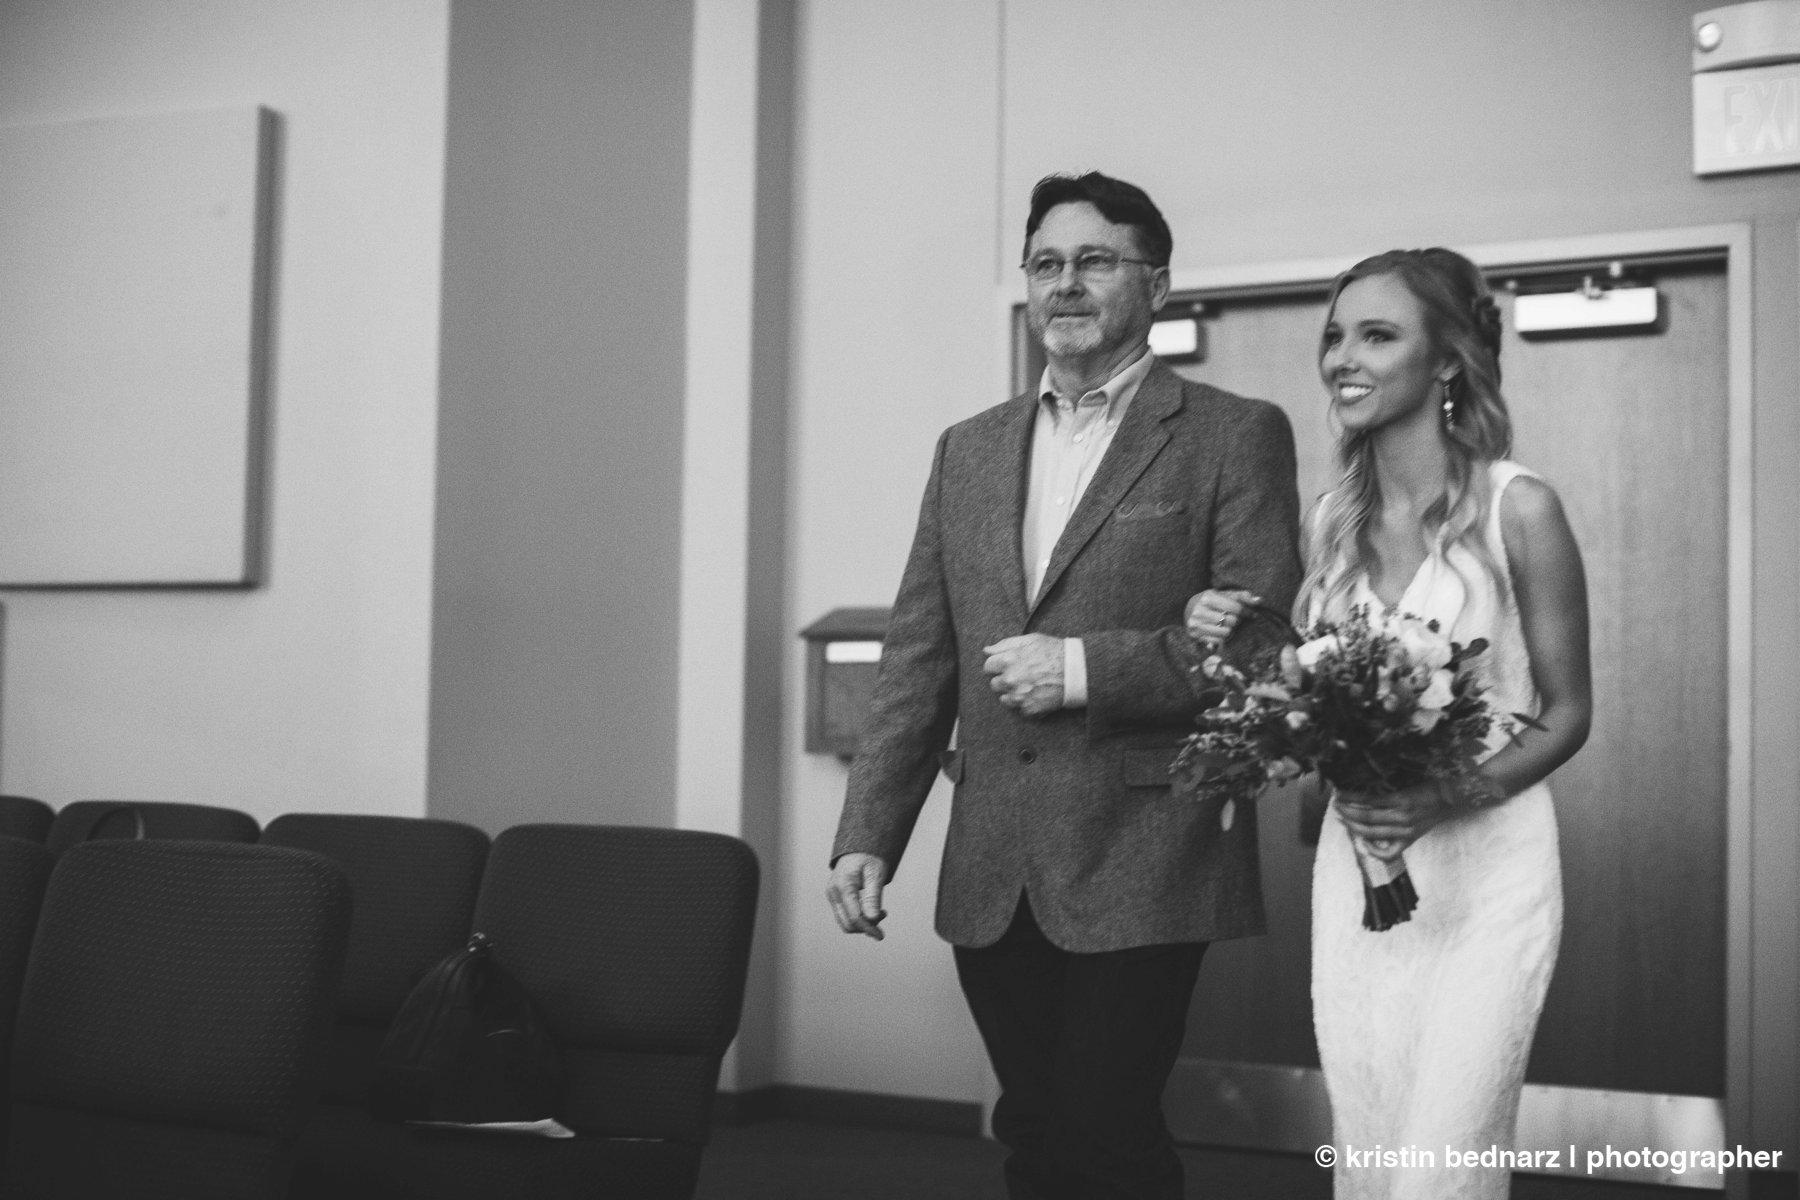 kristin_bednarz_wedding_photographer_20190214_00018sneak_peek.JPG